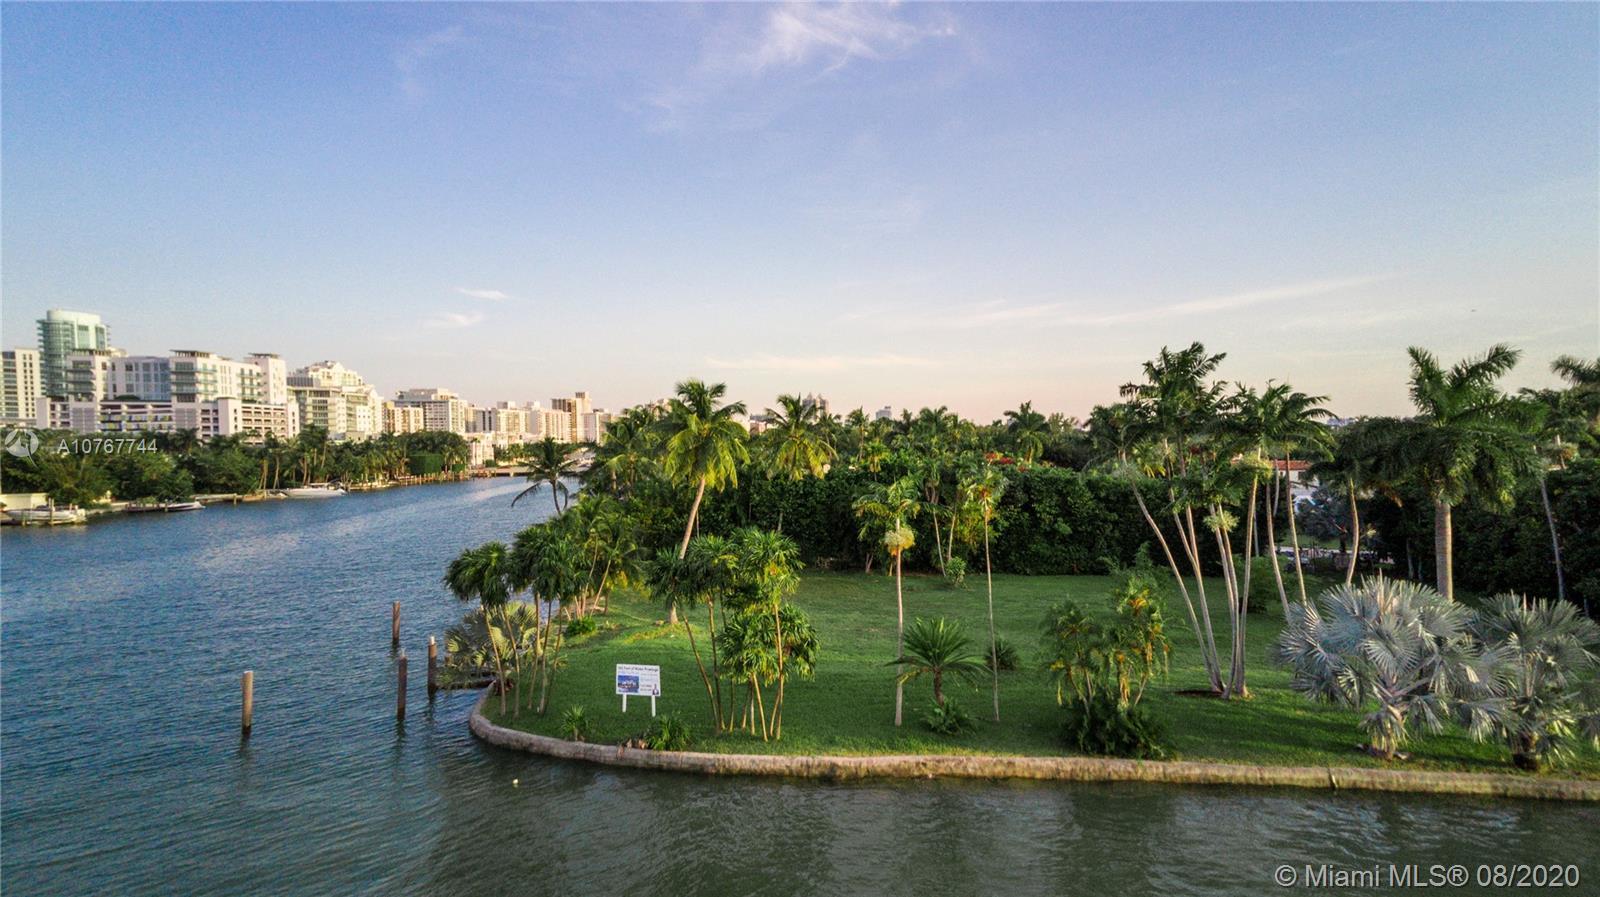 6455 Pinetree Drive Cir, Miami Beach, FL 33141